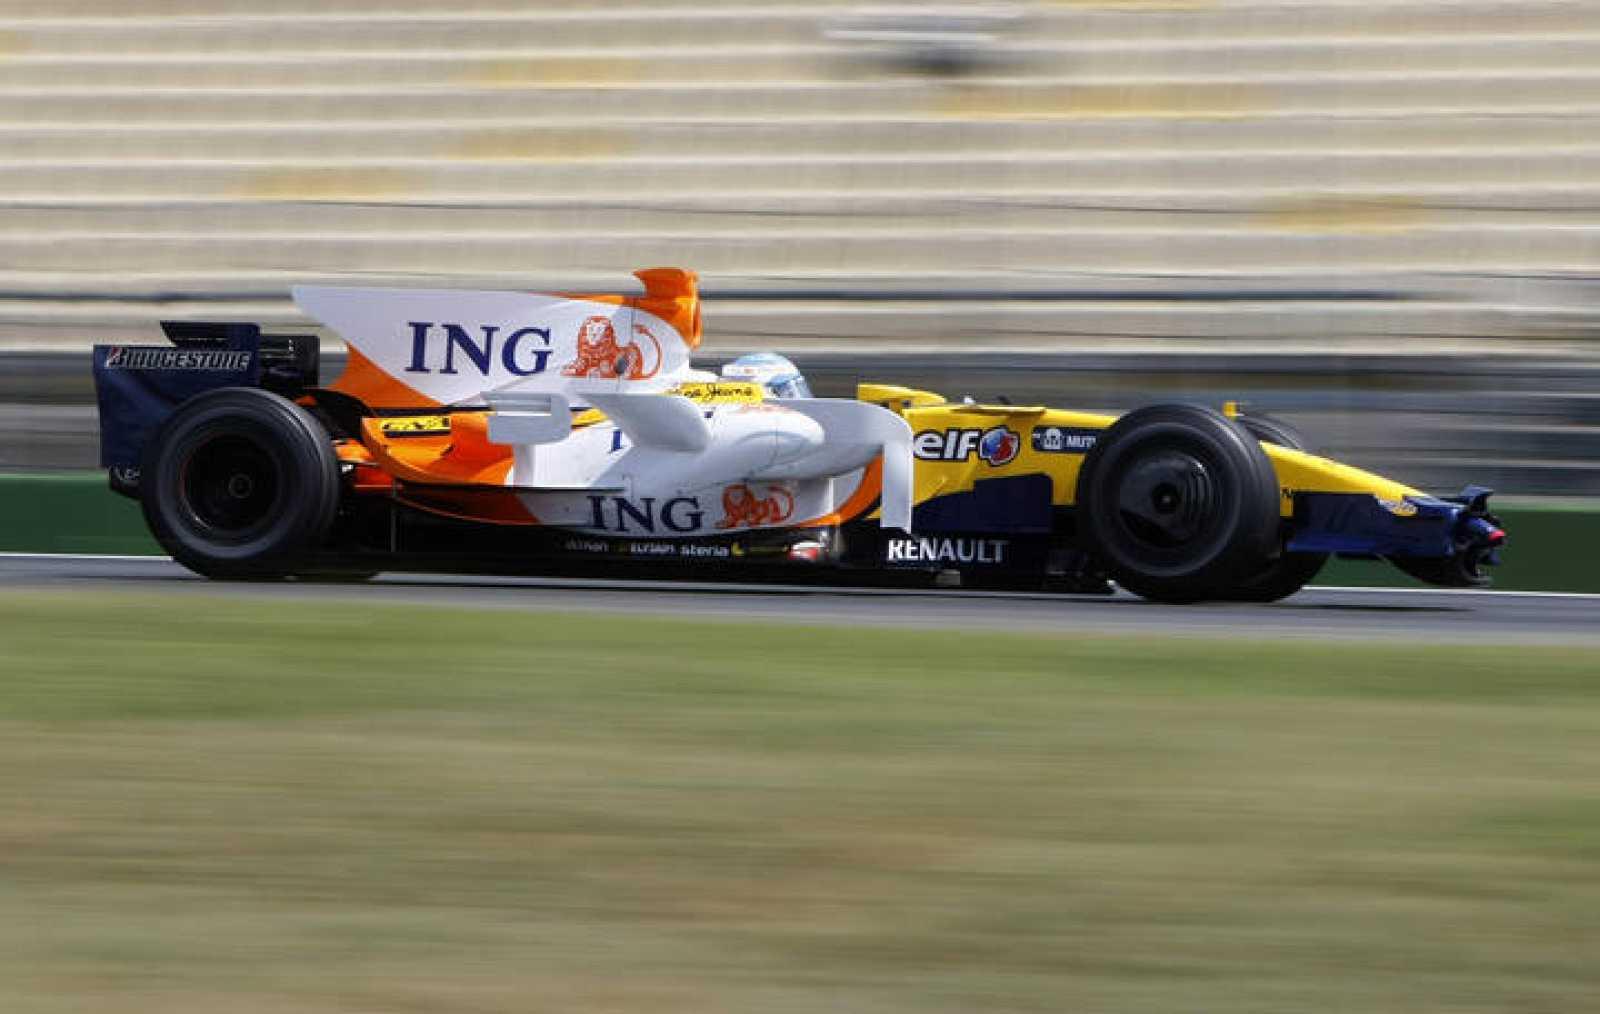 Circuito Fernando Alonso : Fernando alonso espera mejorar sus resultados en el circuito de